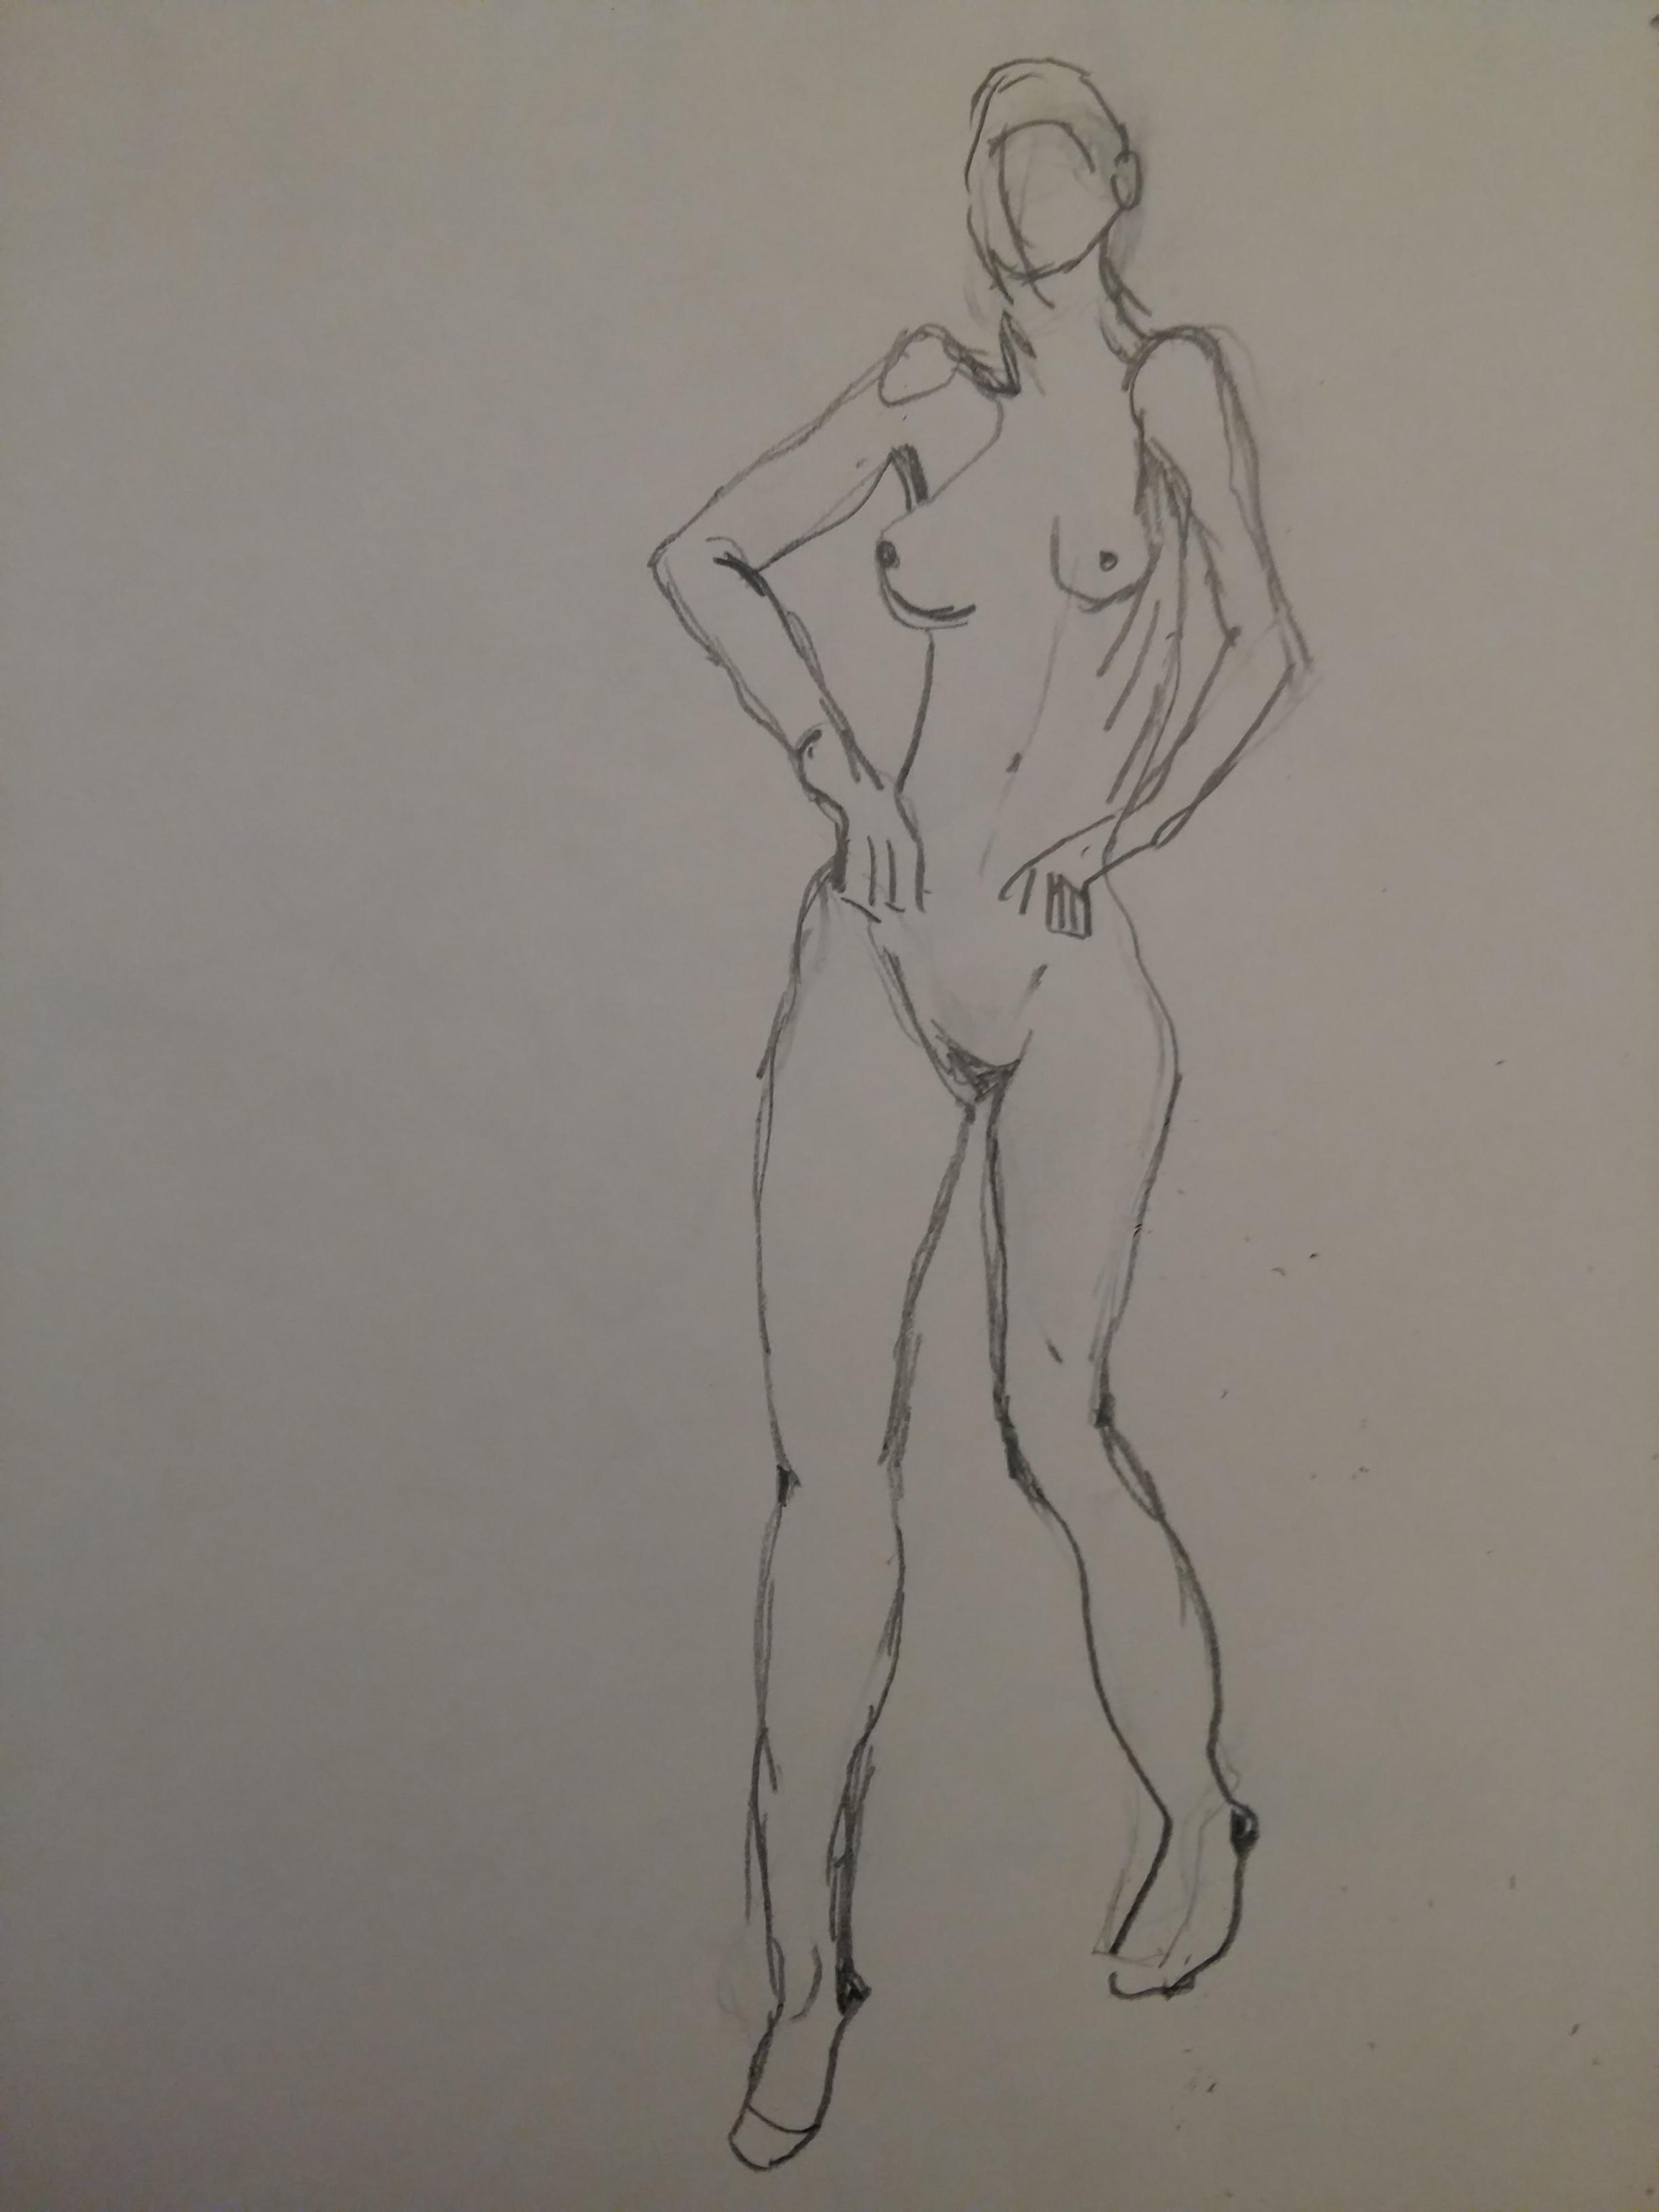 Dessin femme en pied nu  cours de dessin